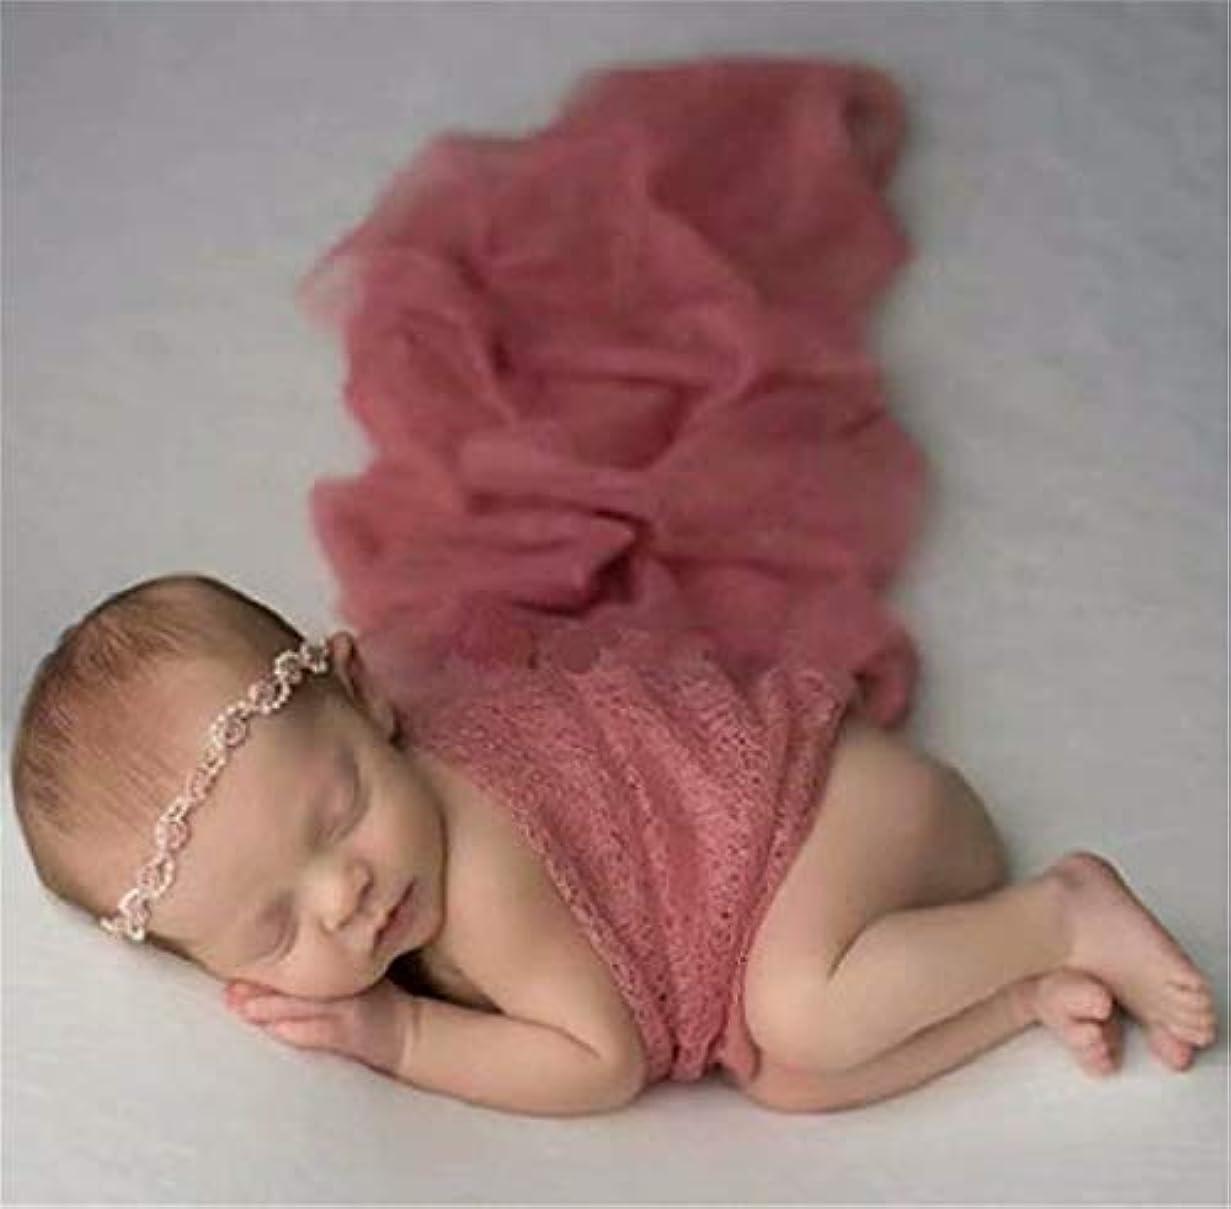 警告する系譜確かめる七里の香 生まれたばかりの赤ちゃんの写真の衣装 赤ちゃんの男の子の女の子の写真撮影のための新生児の写真の小道具毛布のたたきレースのラップ 赤ちゃん用